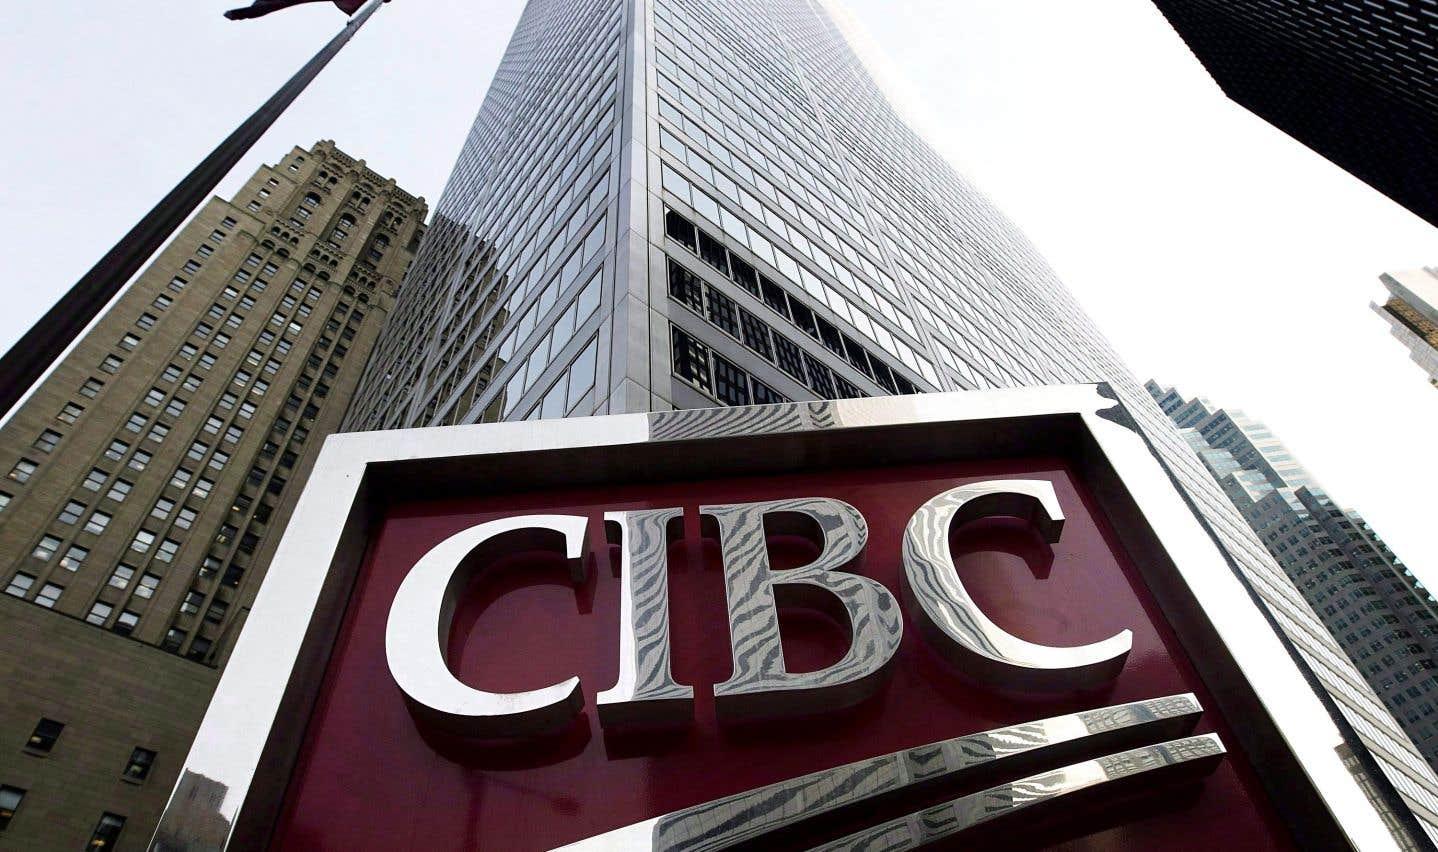 La CIBC a engrangé à son plus récent trimestre un bénéfice de 1,31milliard, en baisse par rapport à celui de 1,39milliard réalisé un an plus tôt.